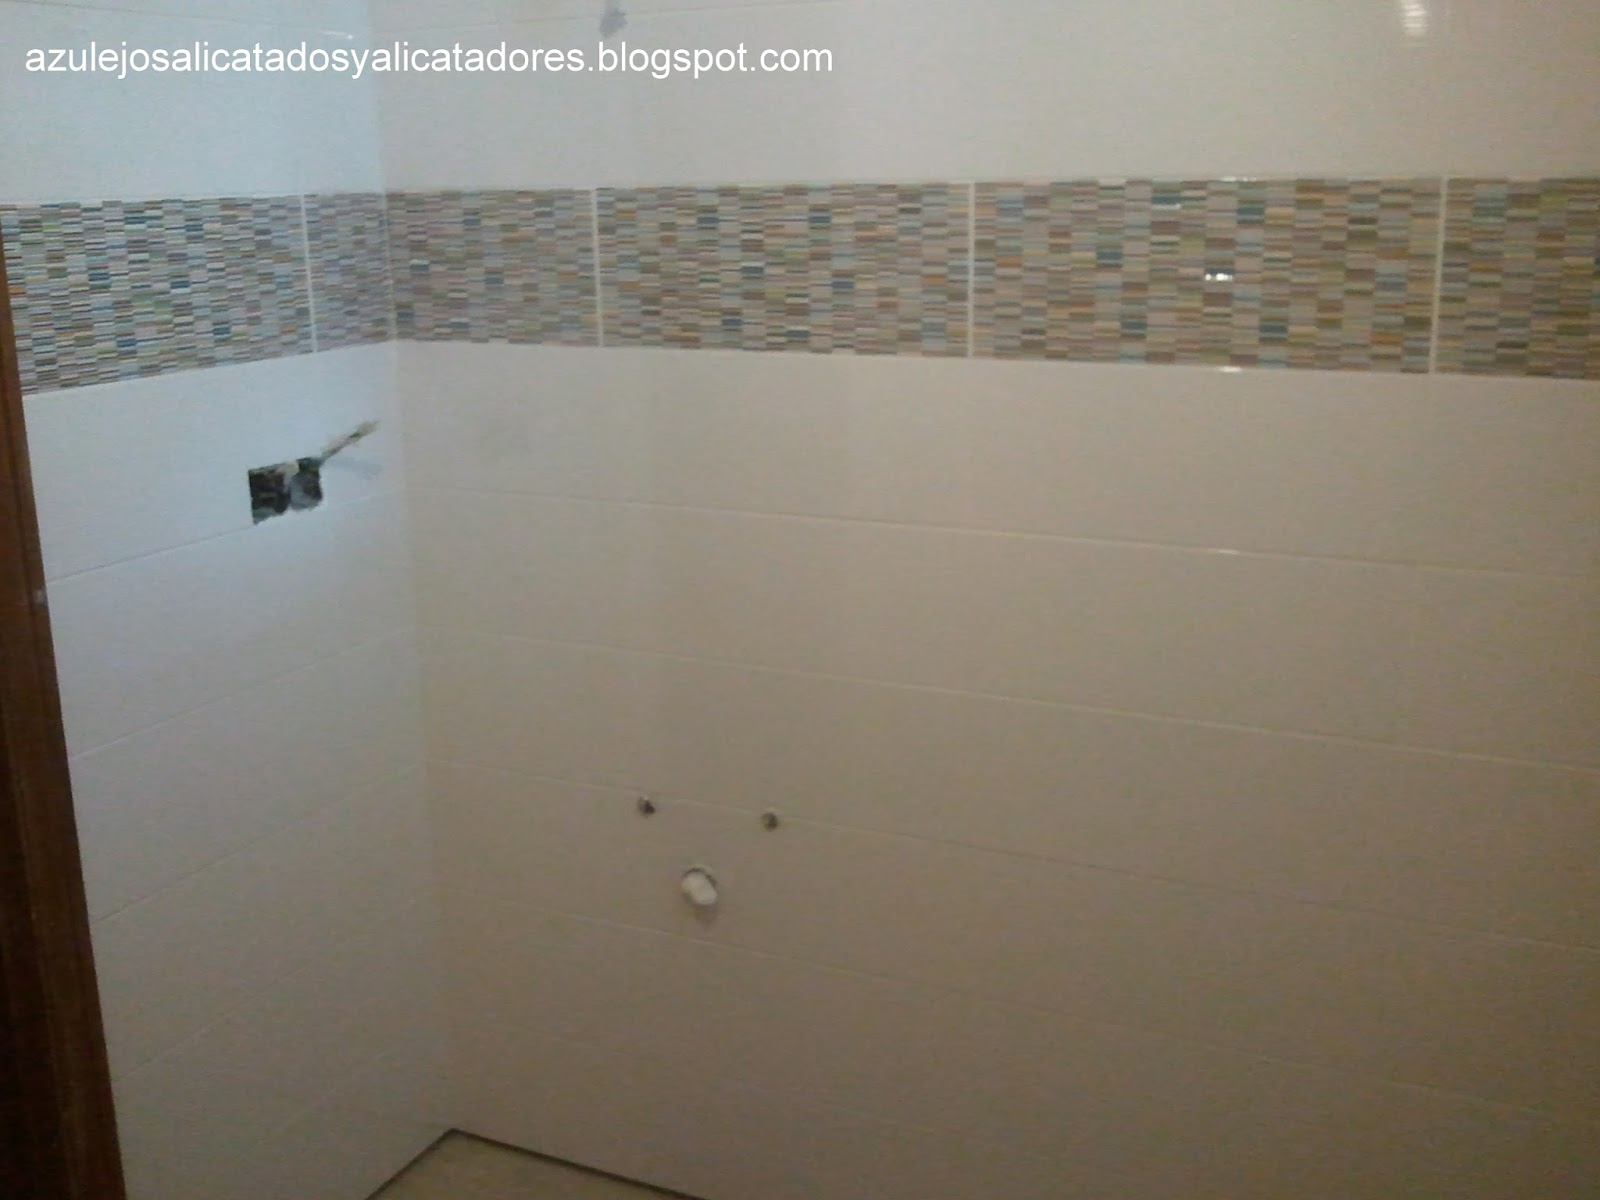 Azulejos alicatados y alicatadores grupo puma for Lechada azulejos bano